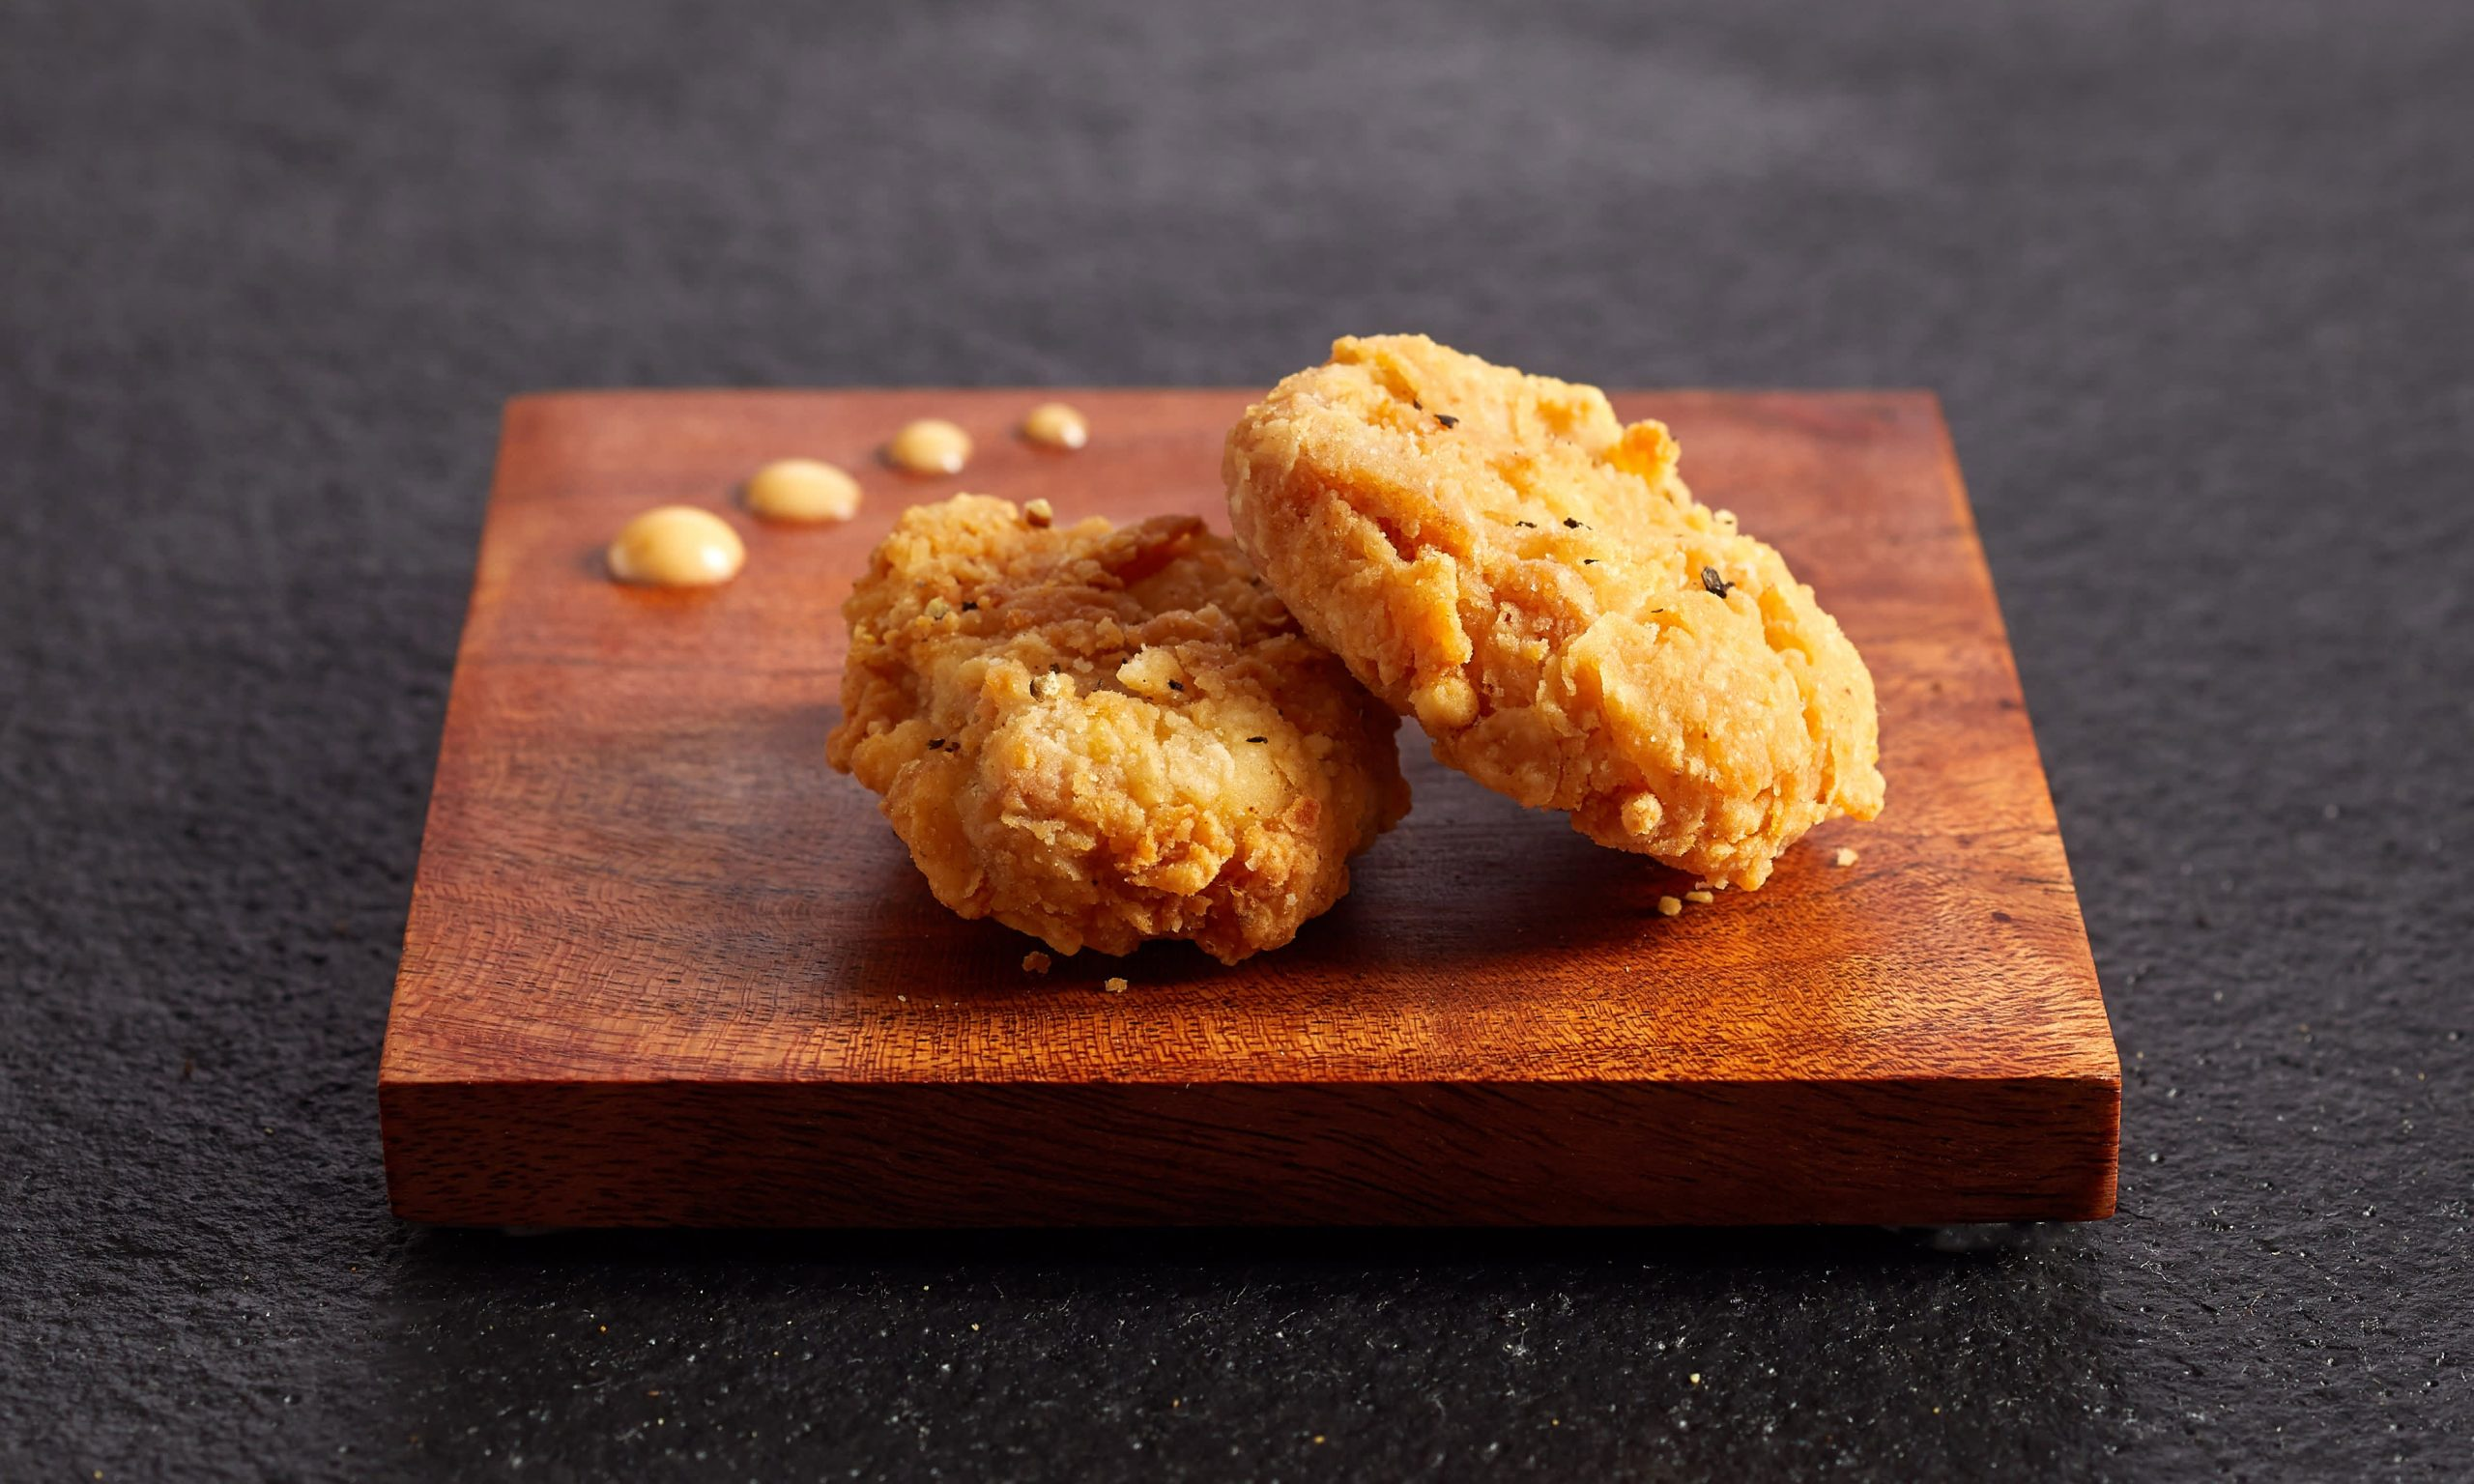 新加坡成为首个批准开卖实验室培养肉的国家